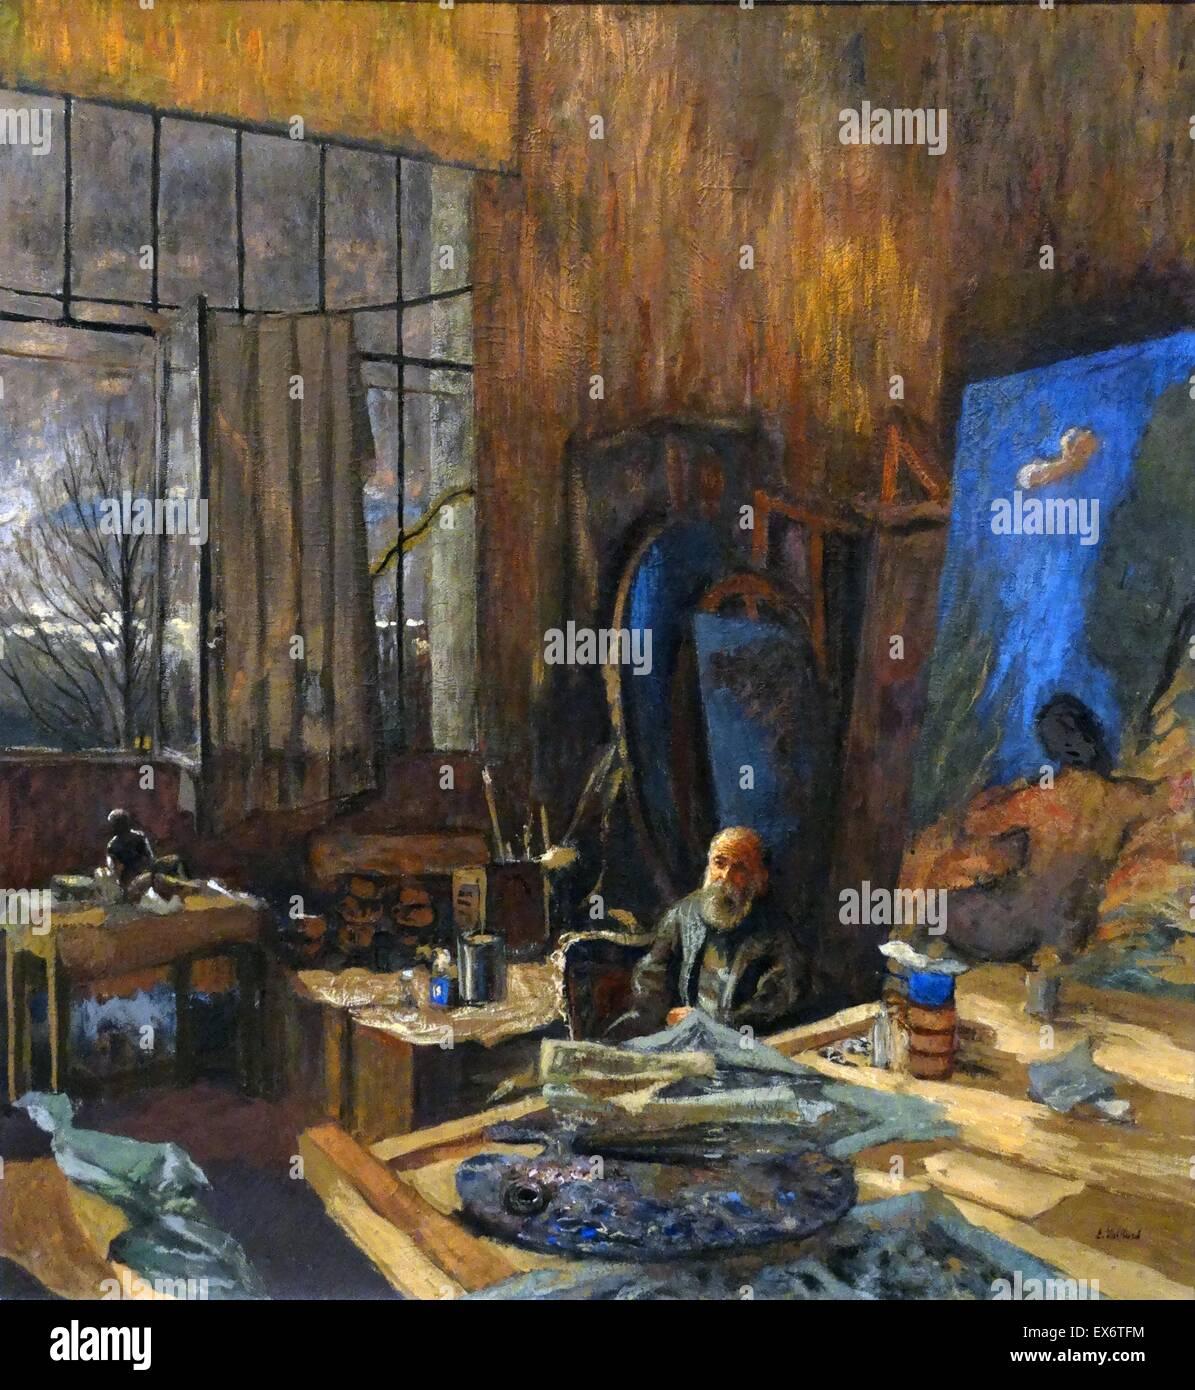 Kleben Sie Auf Leinwand, 1933. Vuillard War Ein Französischer Maler Und  Grafiker, Die Die Nabis Zugeordnet War.